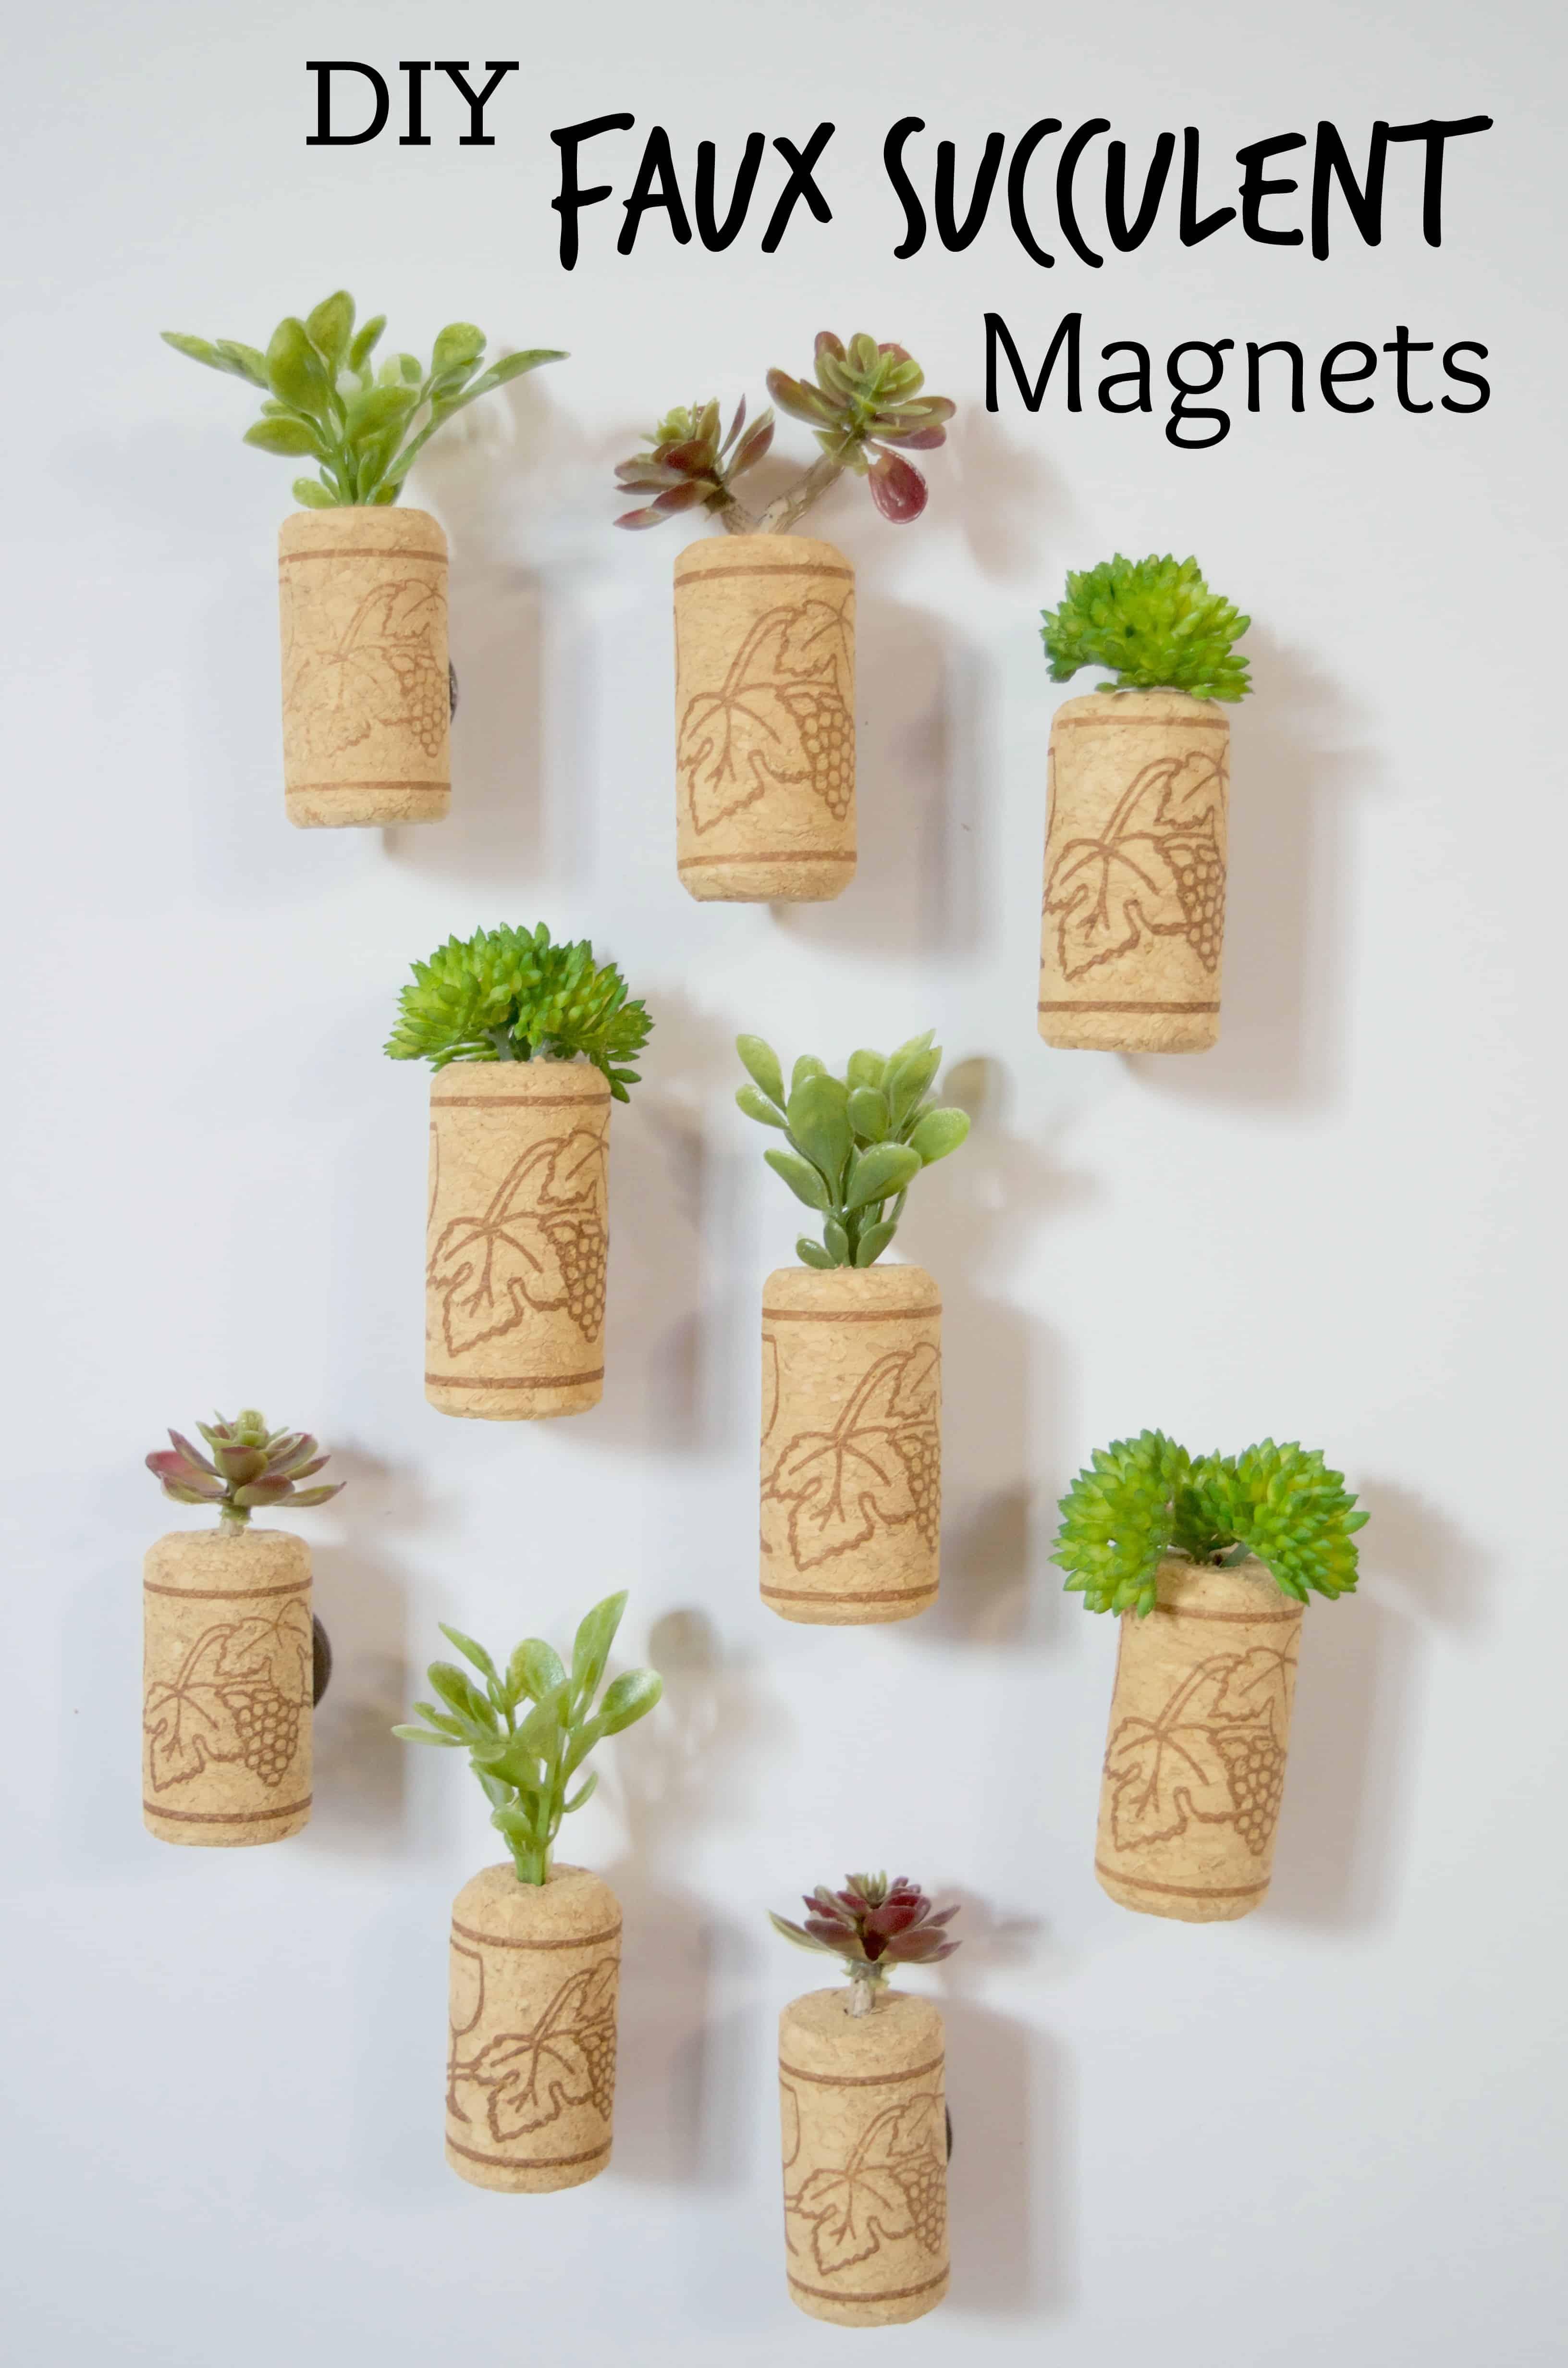 DIY Faux Succulent Magnets